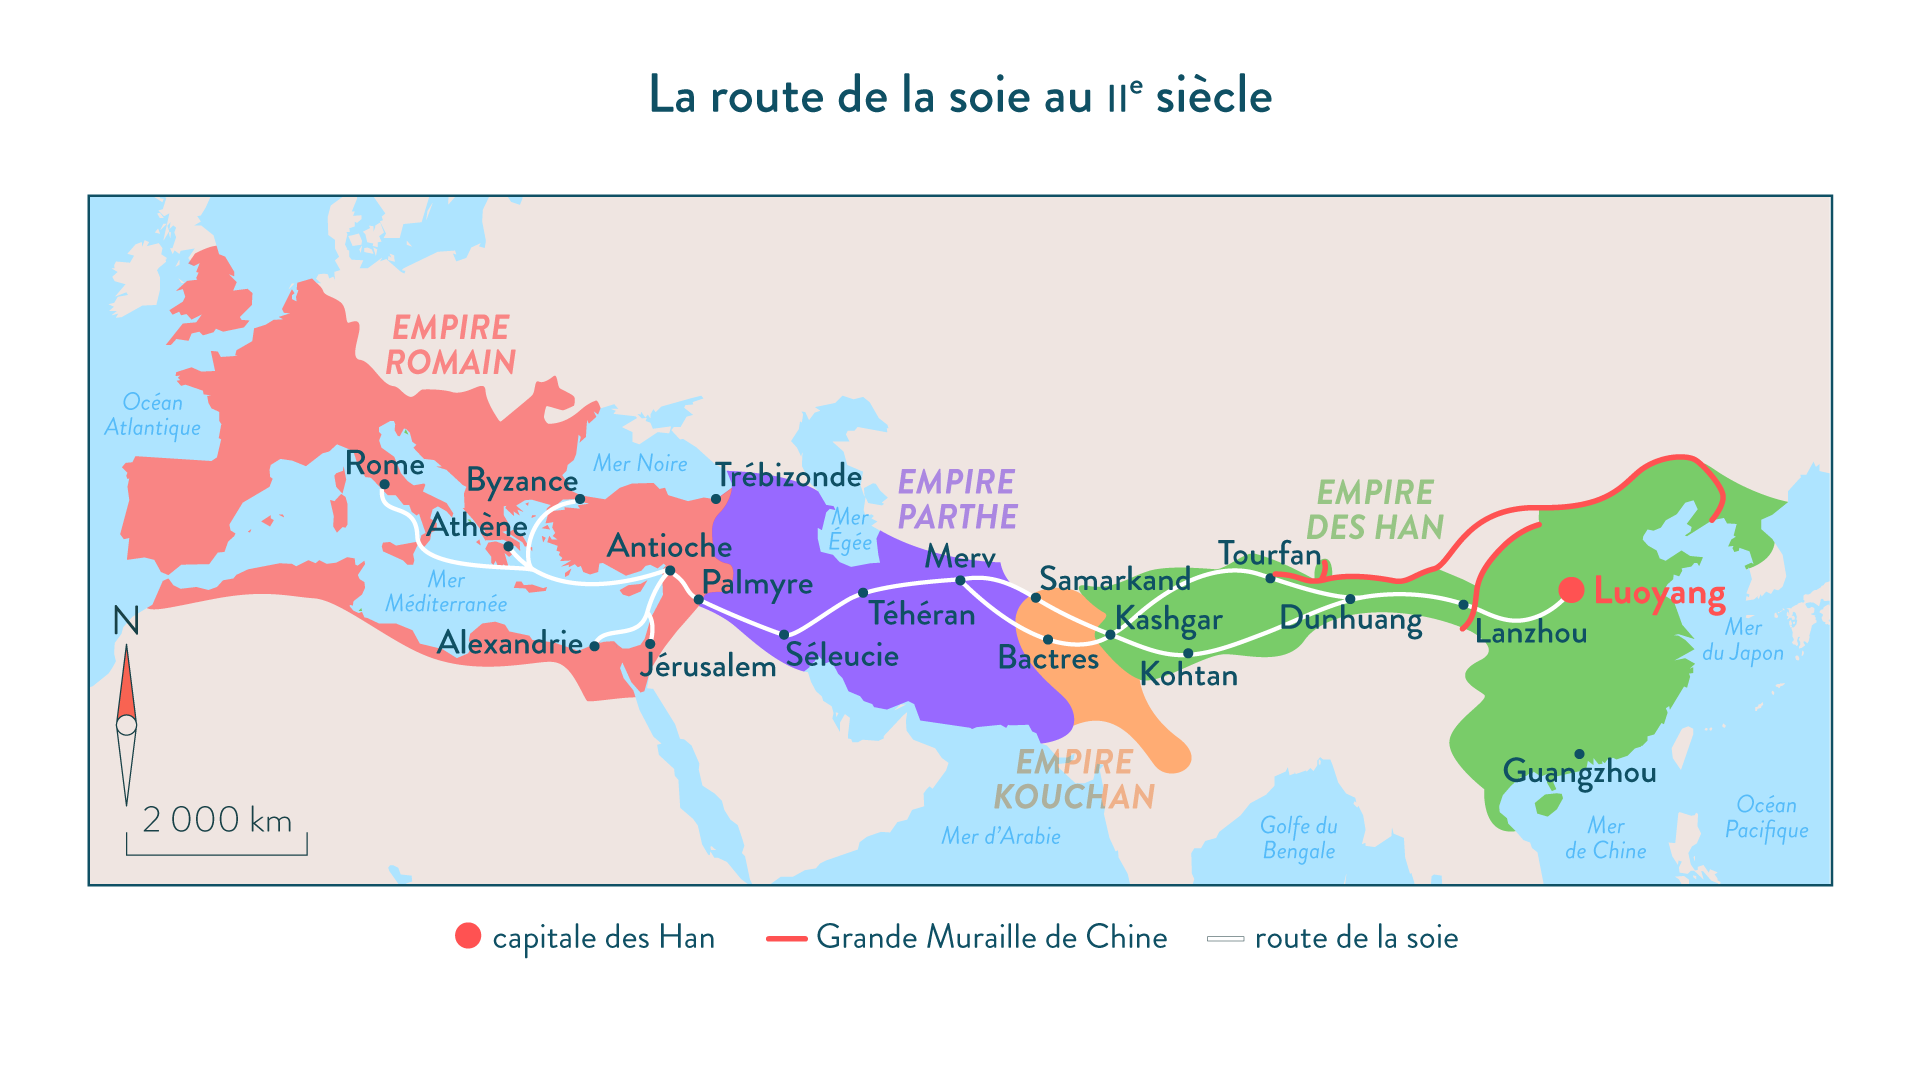 La route de la soie-histoire-6e